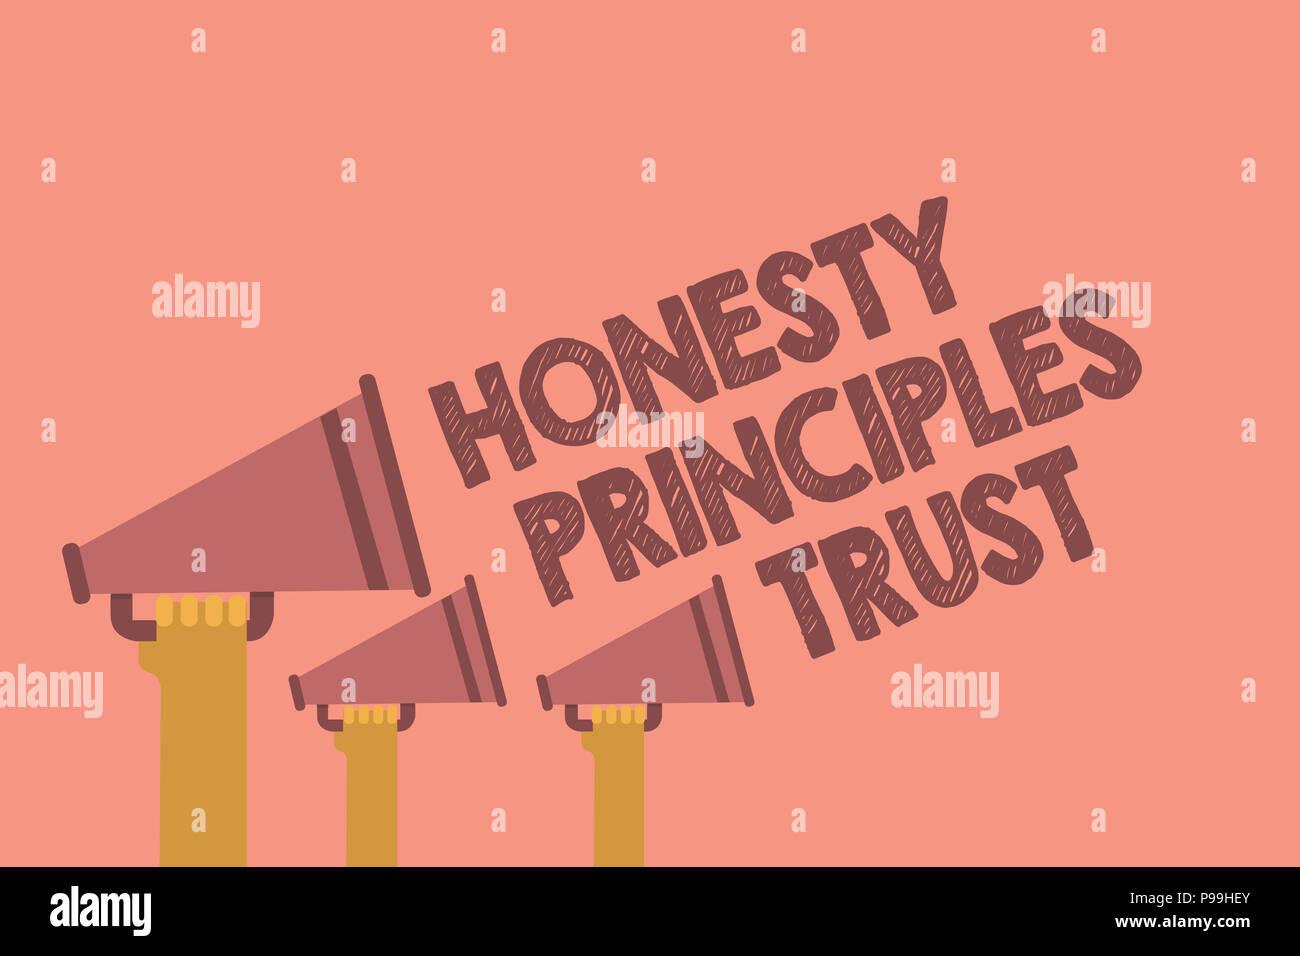 Ehrlichkeit Und Vertrauen ᐅ Ehrlichkeit Sprüche Mit Bild